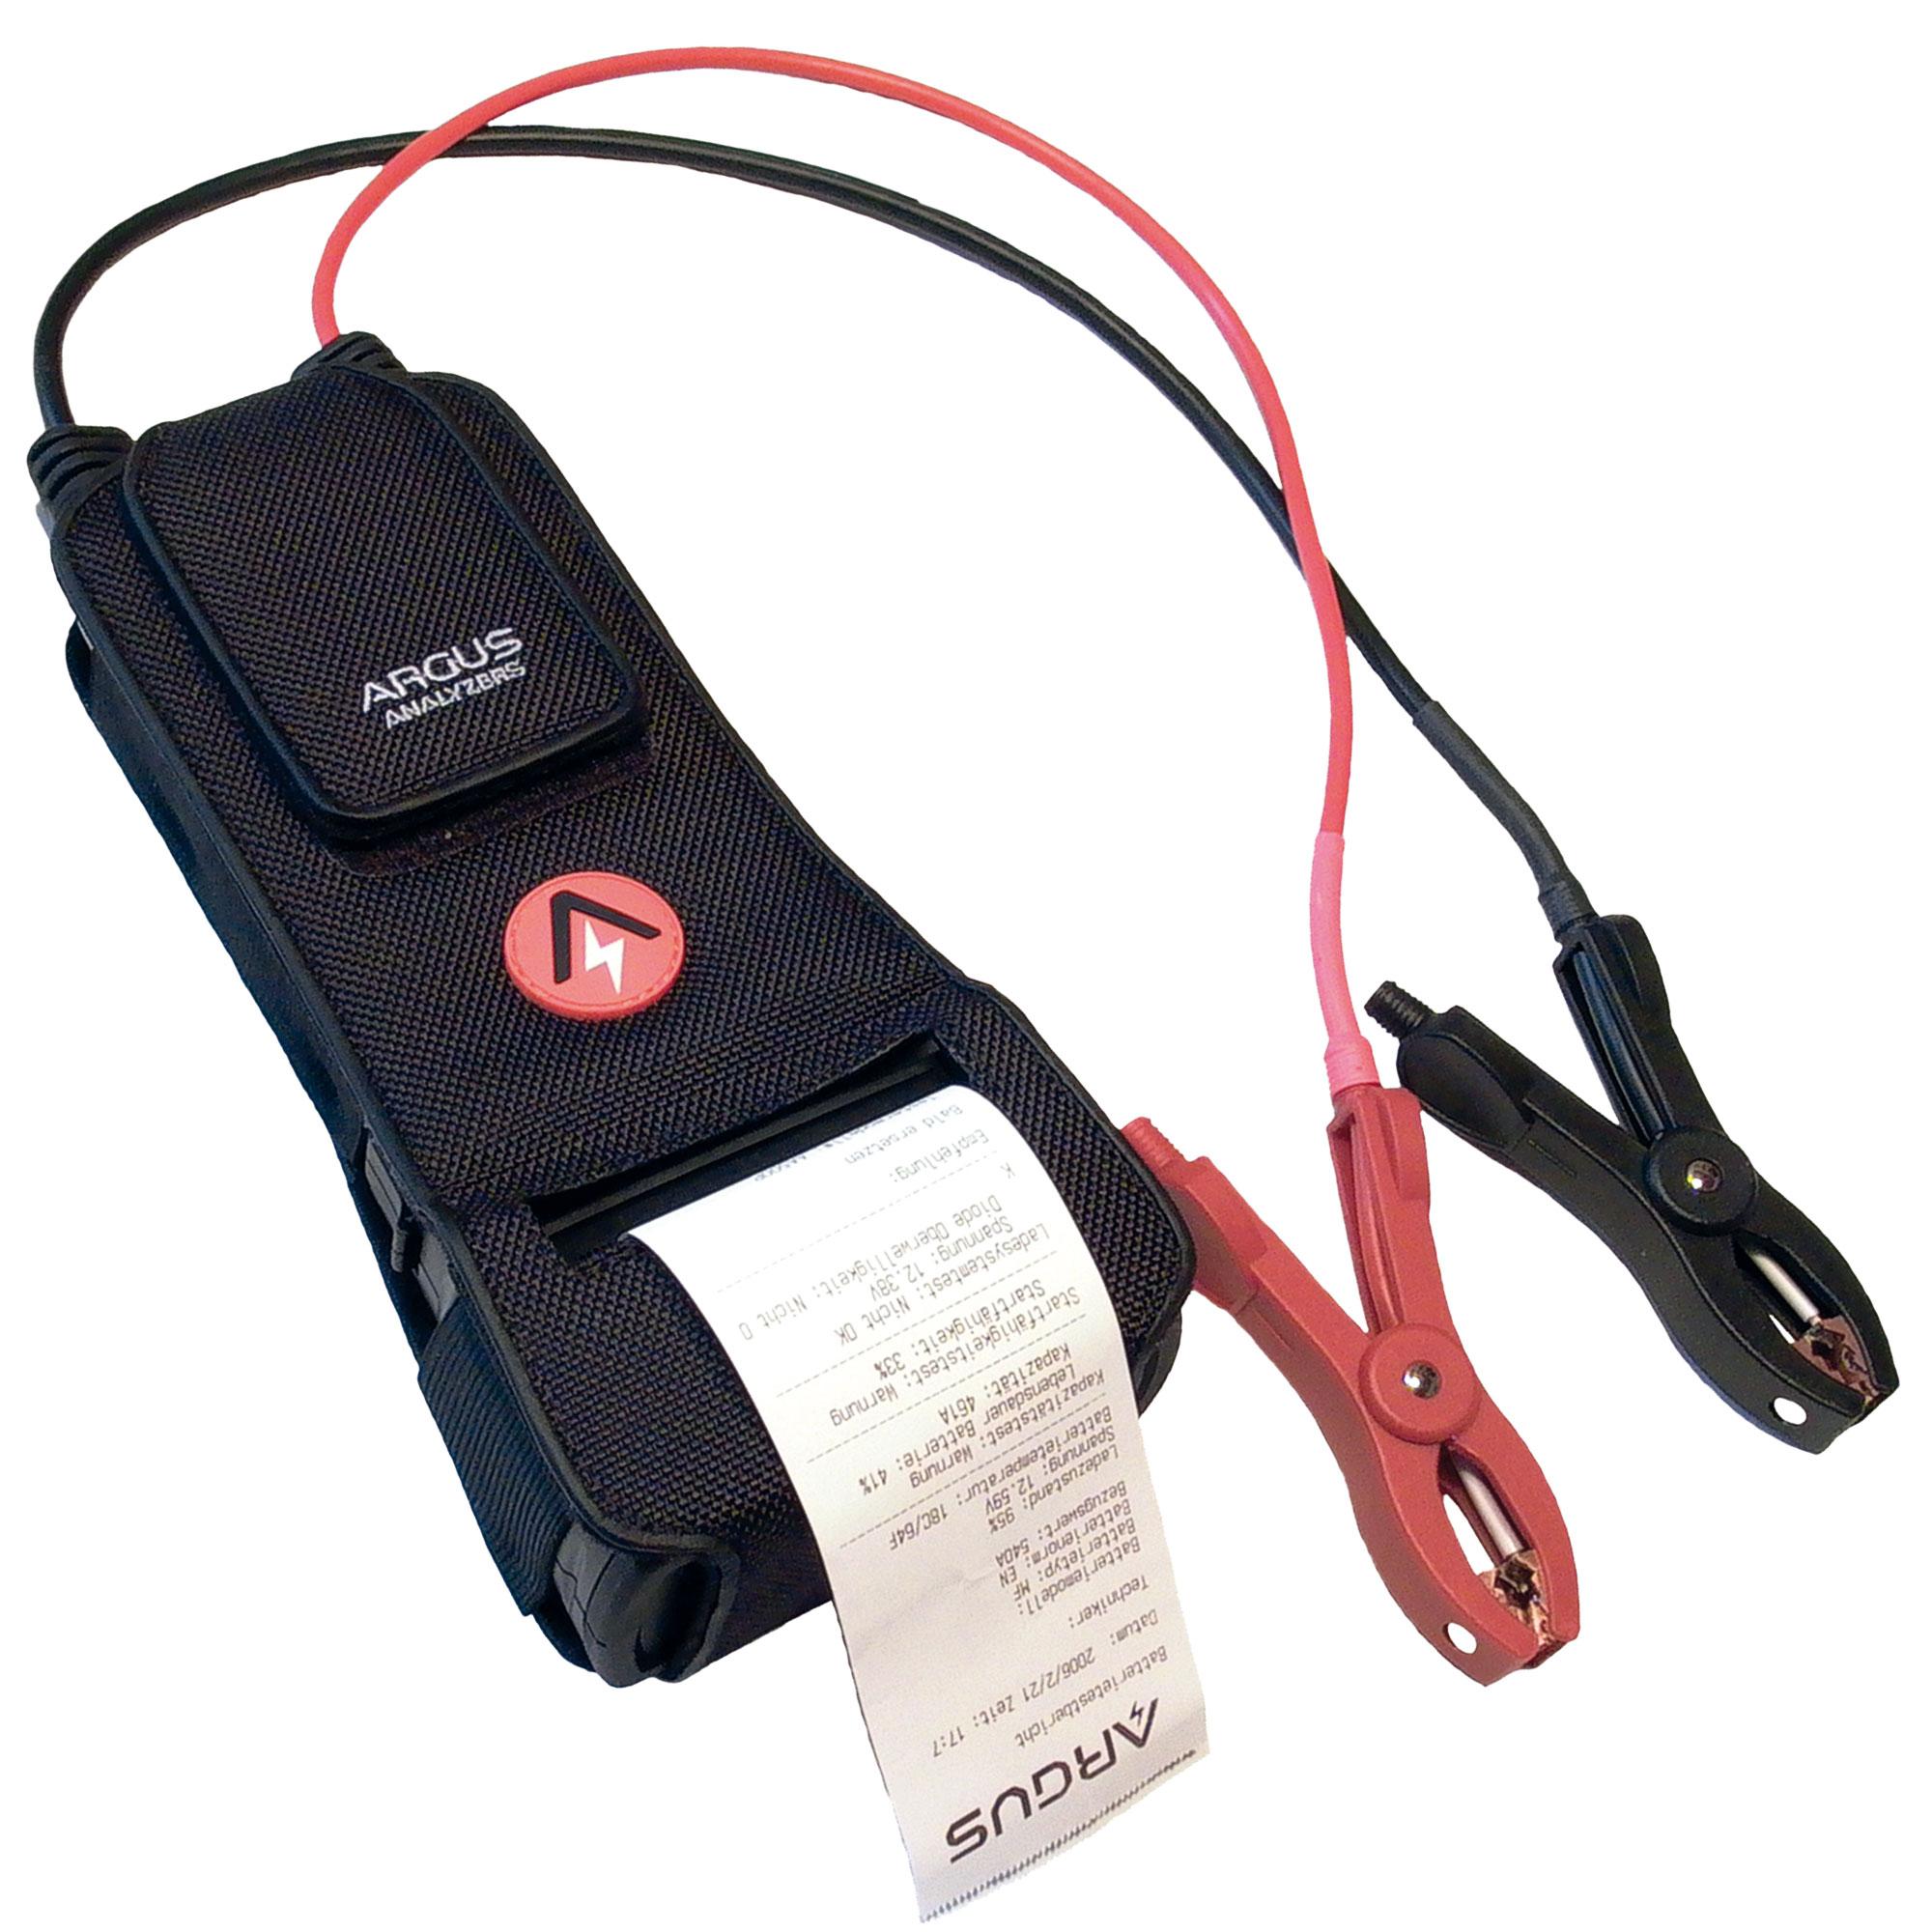 Batterie- und Systemanalysegerät